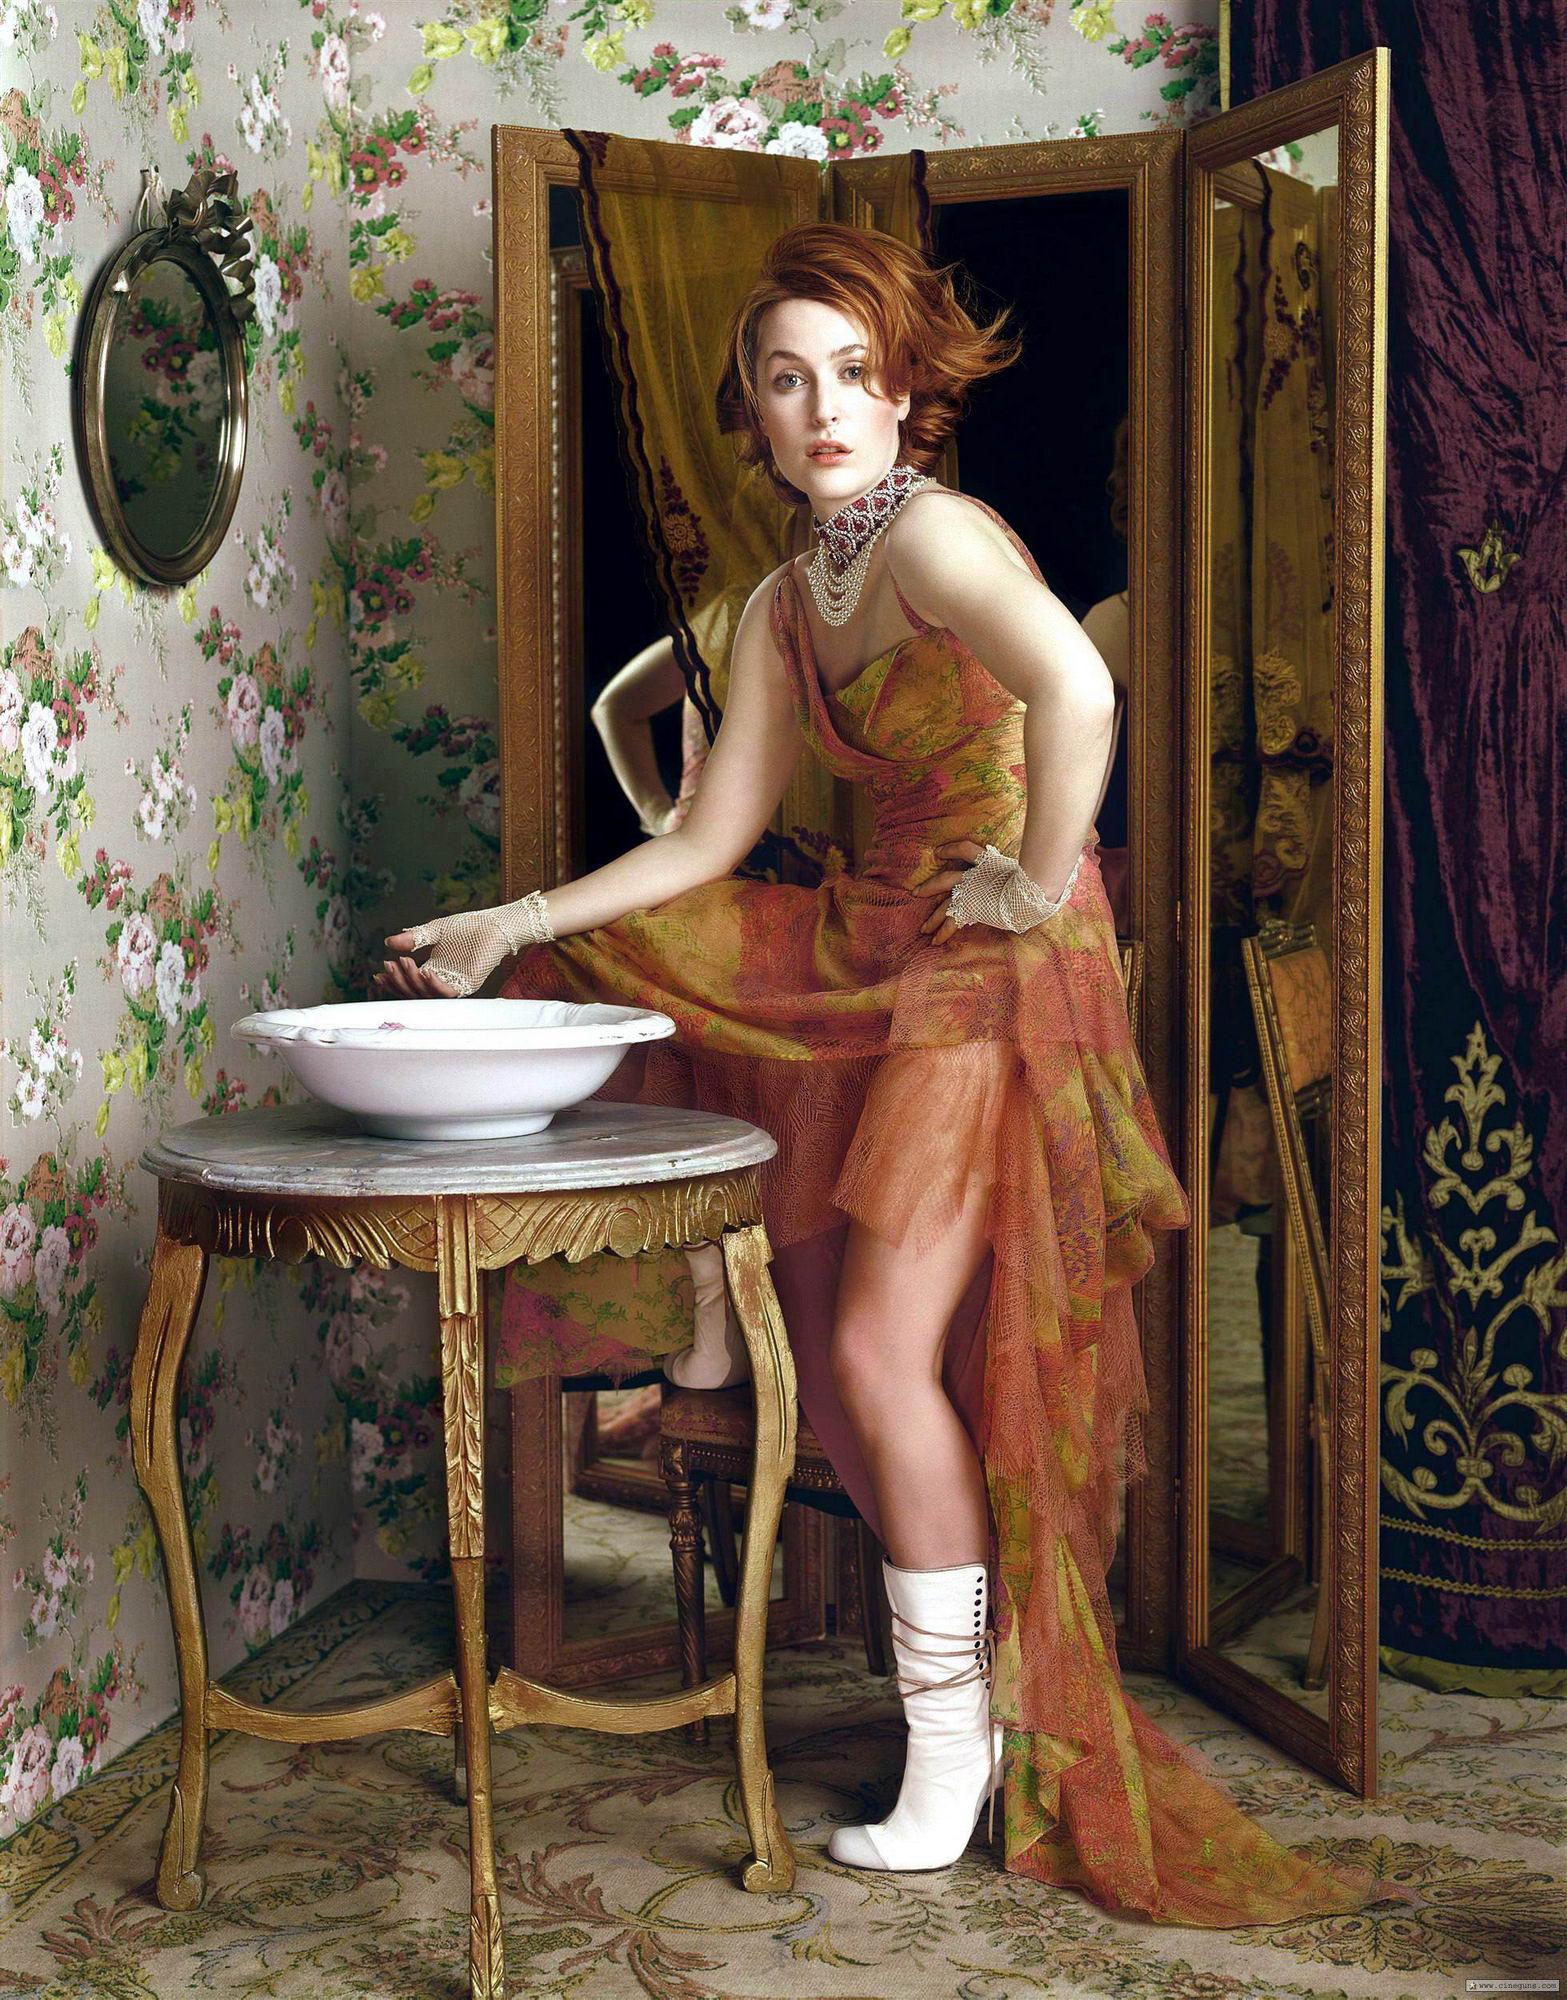 Джилиан Андерсон (Gillian Anderson) .